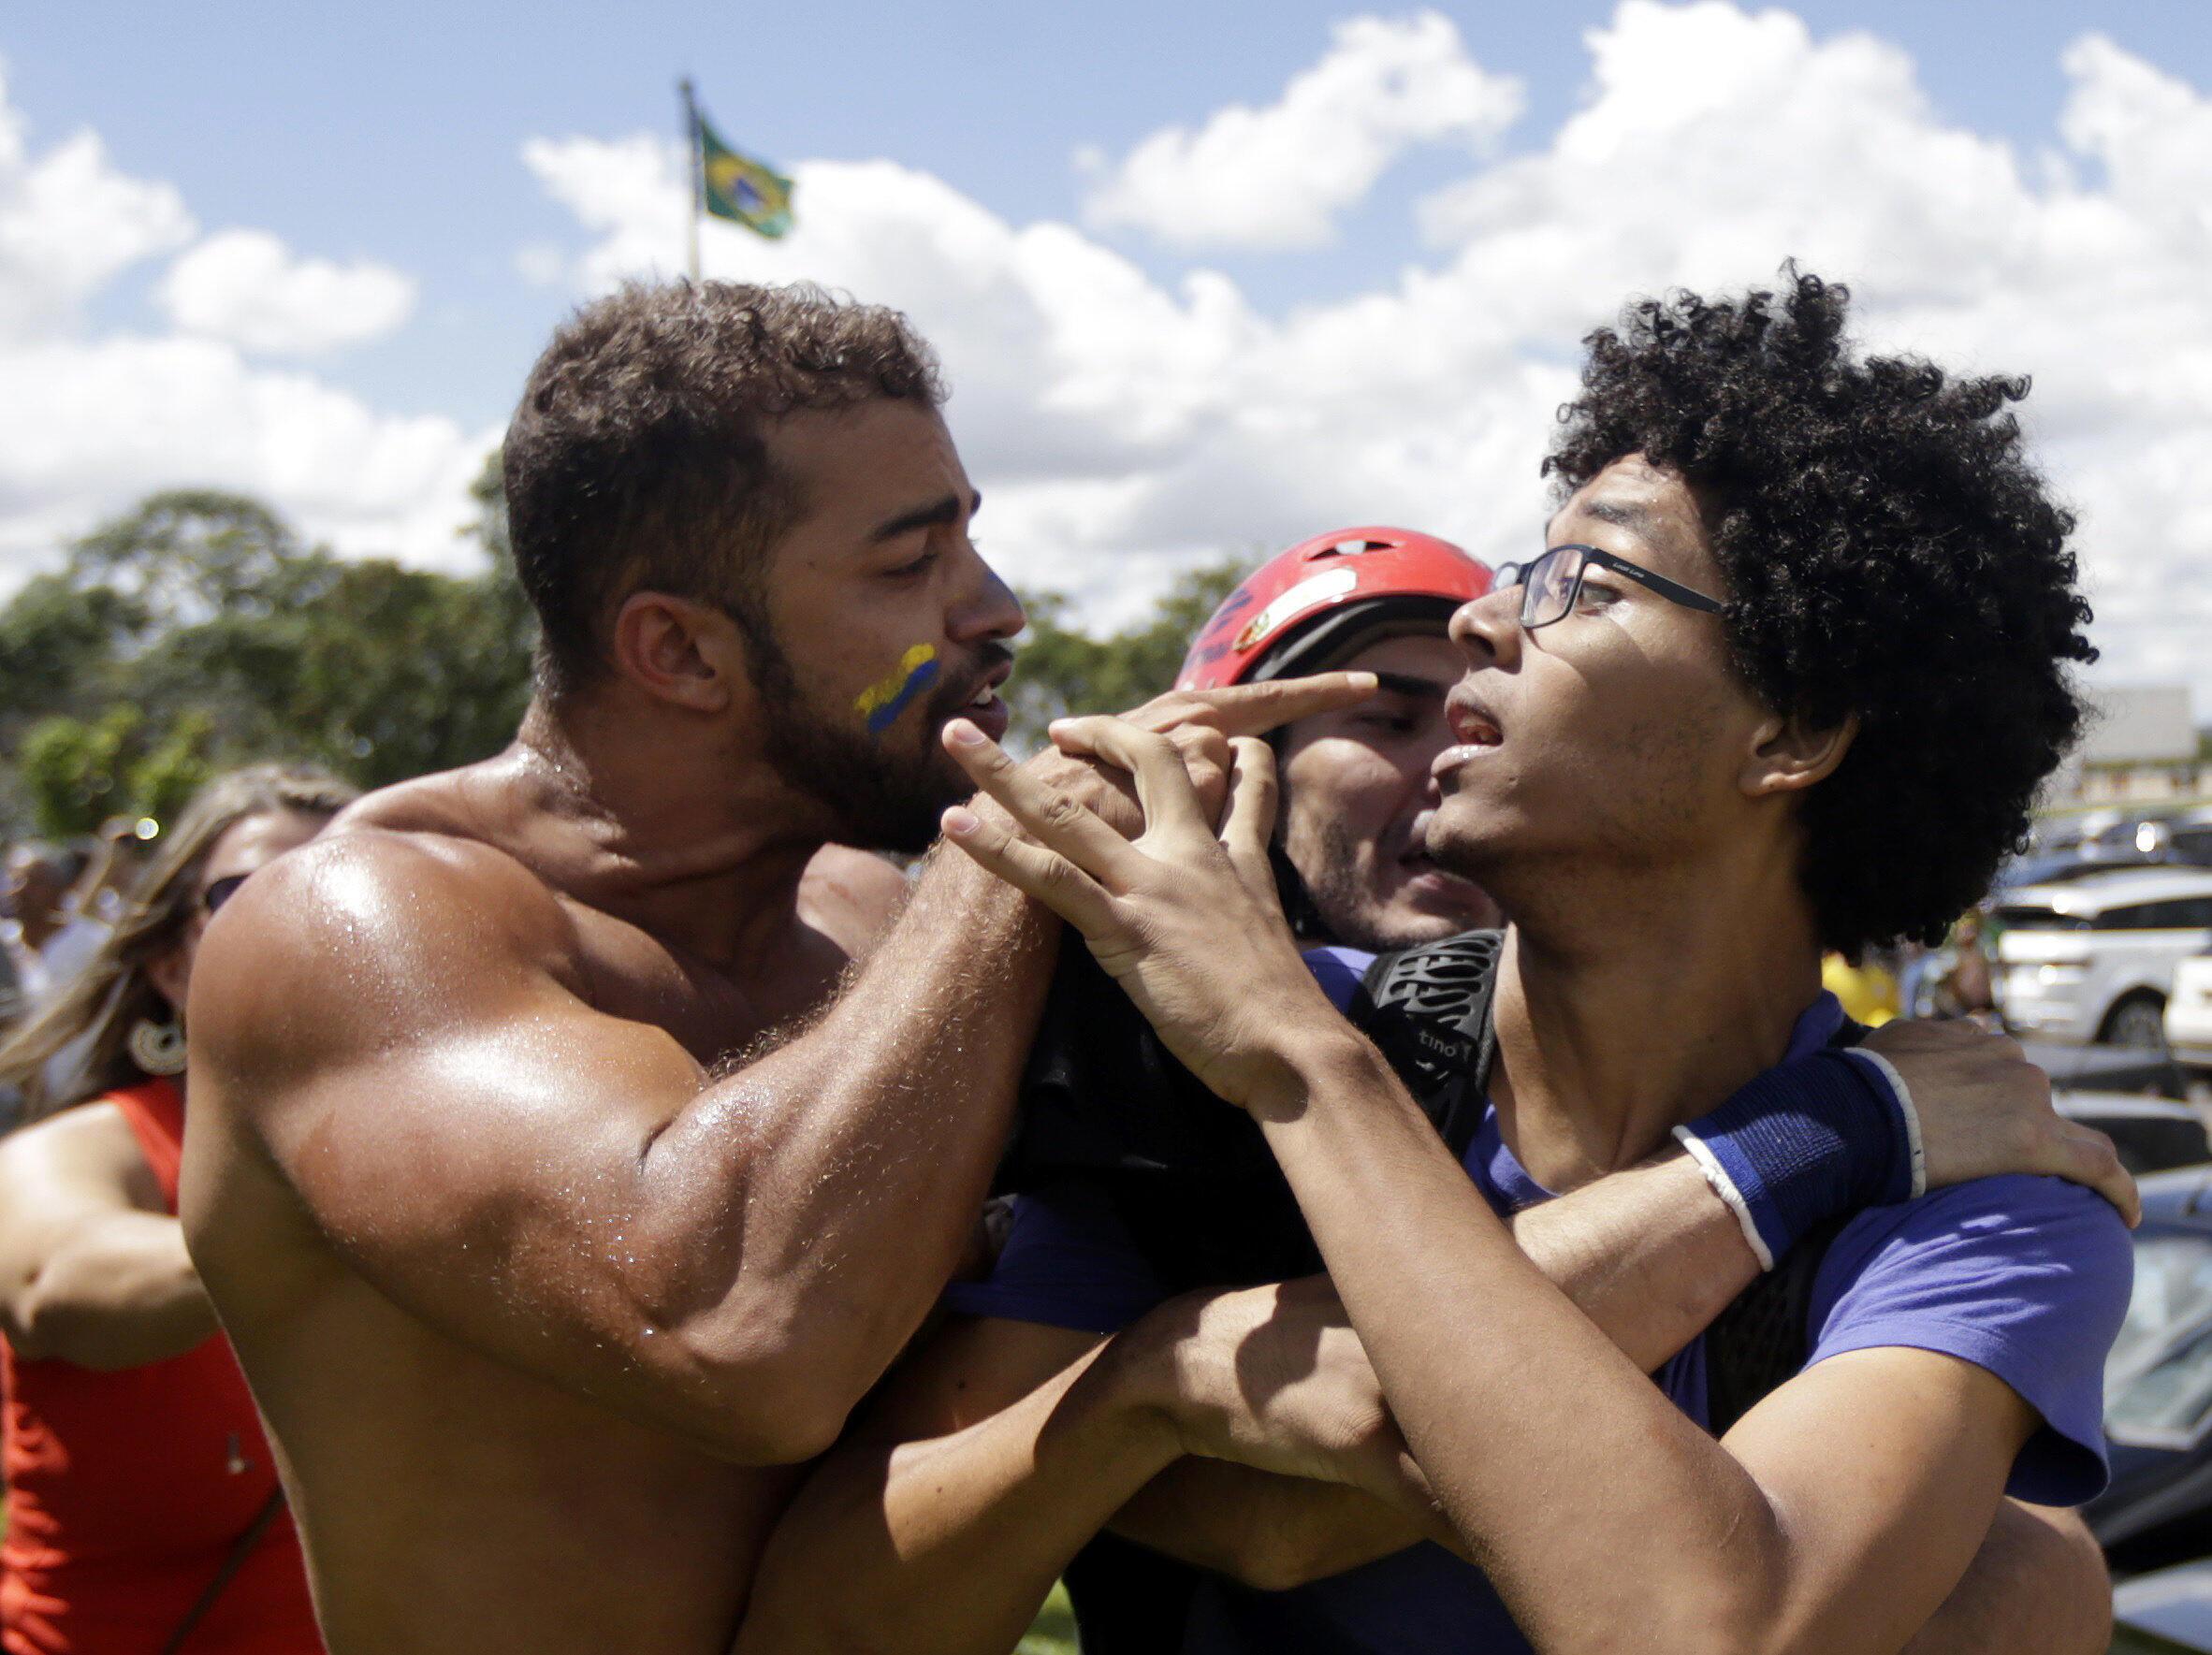 La tension est réelle, et palpable, entre les partisans et les opposants au gouvernement brésilien. A gauche, un manifestant hostile au gouvernement. A droite, un soutien. Brasilia, 17 mars 2016.